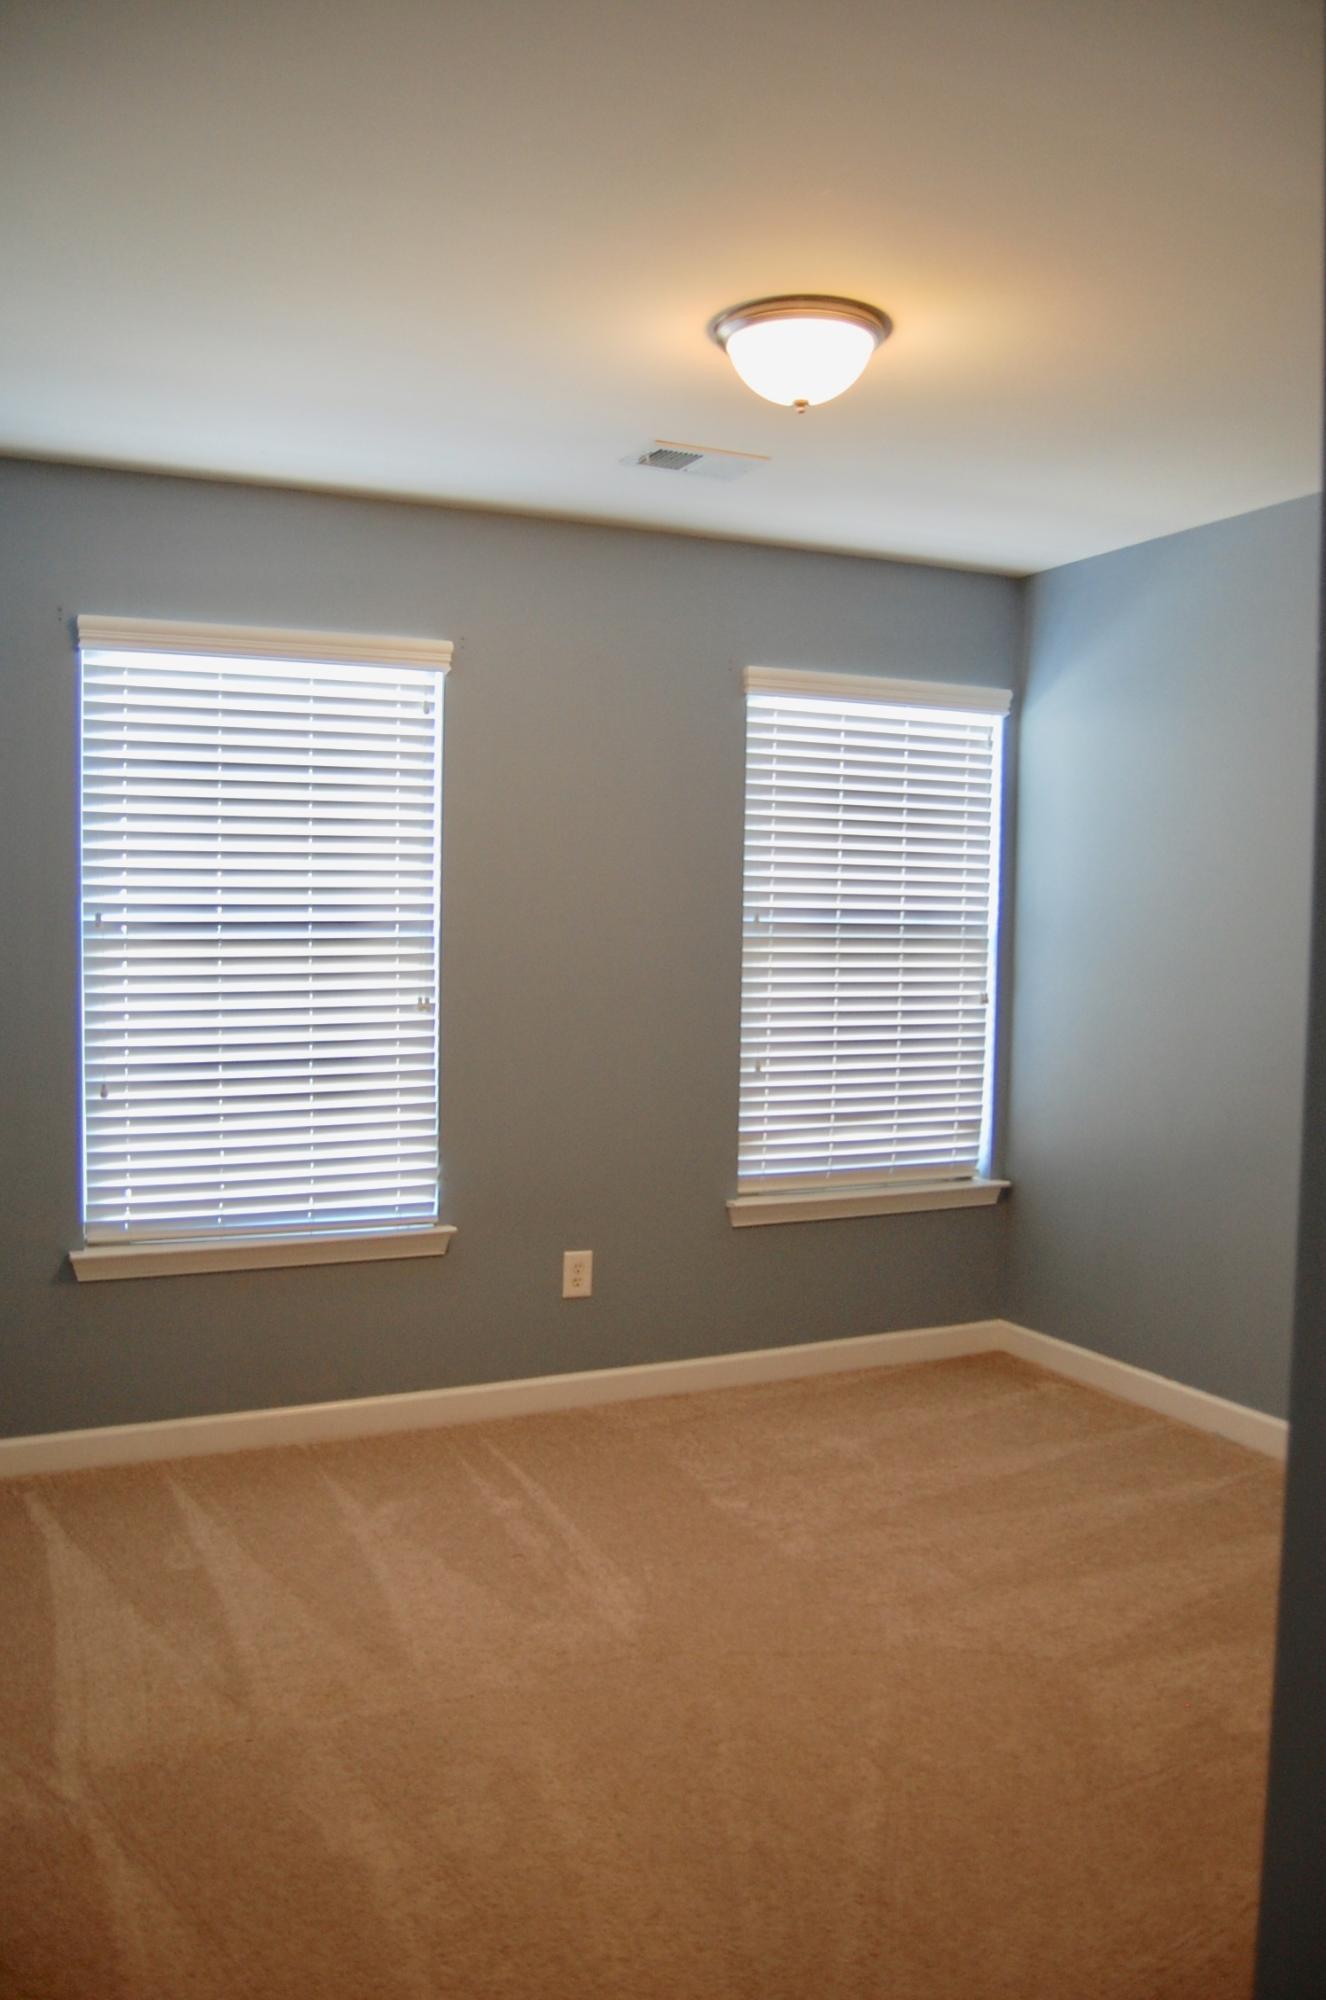 Park West Homes For Sale - 3529 Claremont, Mount Pleasant, SC - 16